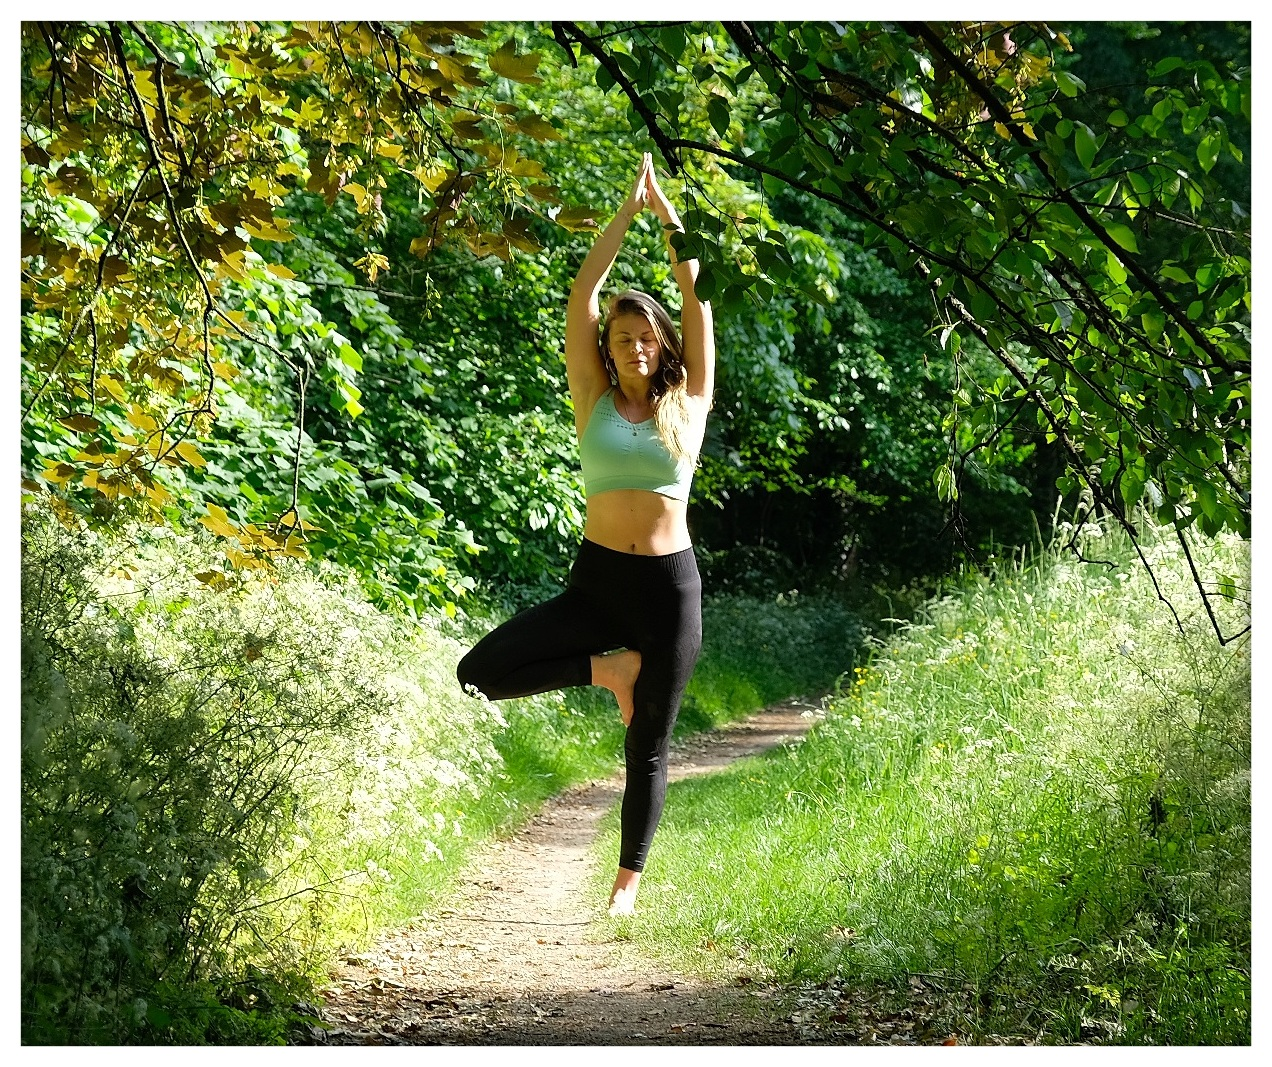 femme en posture de l'arbre yoga